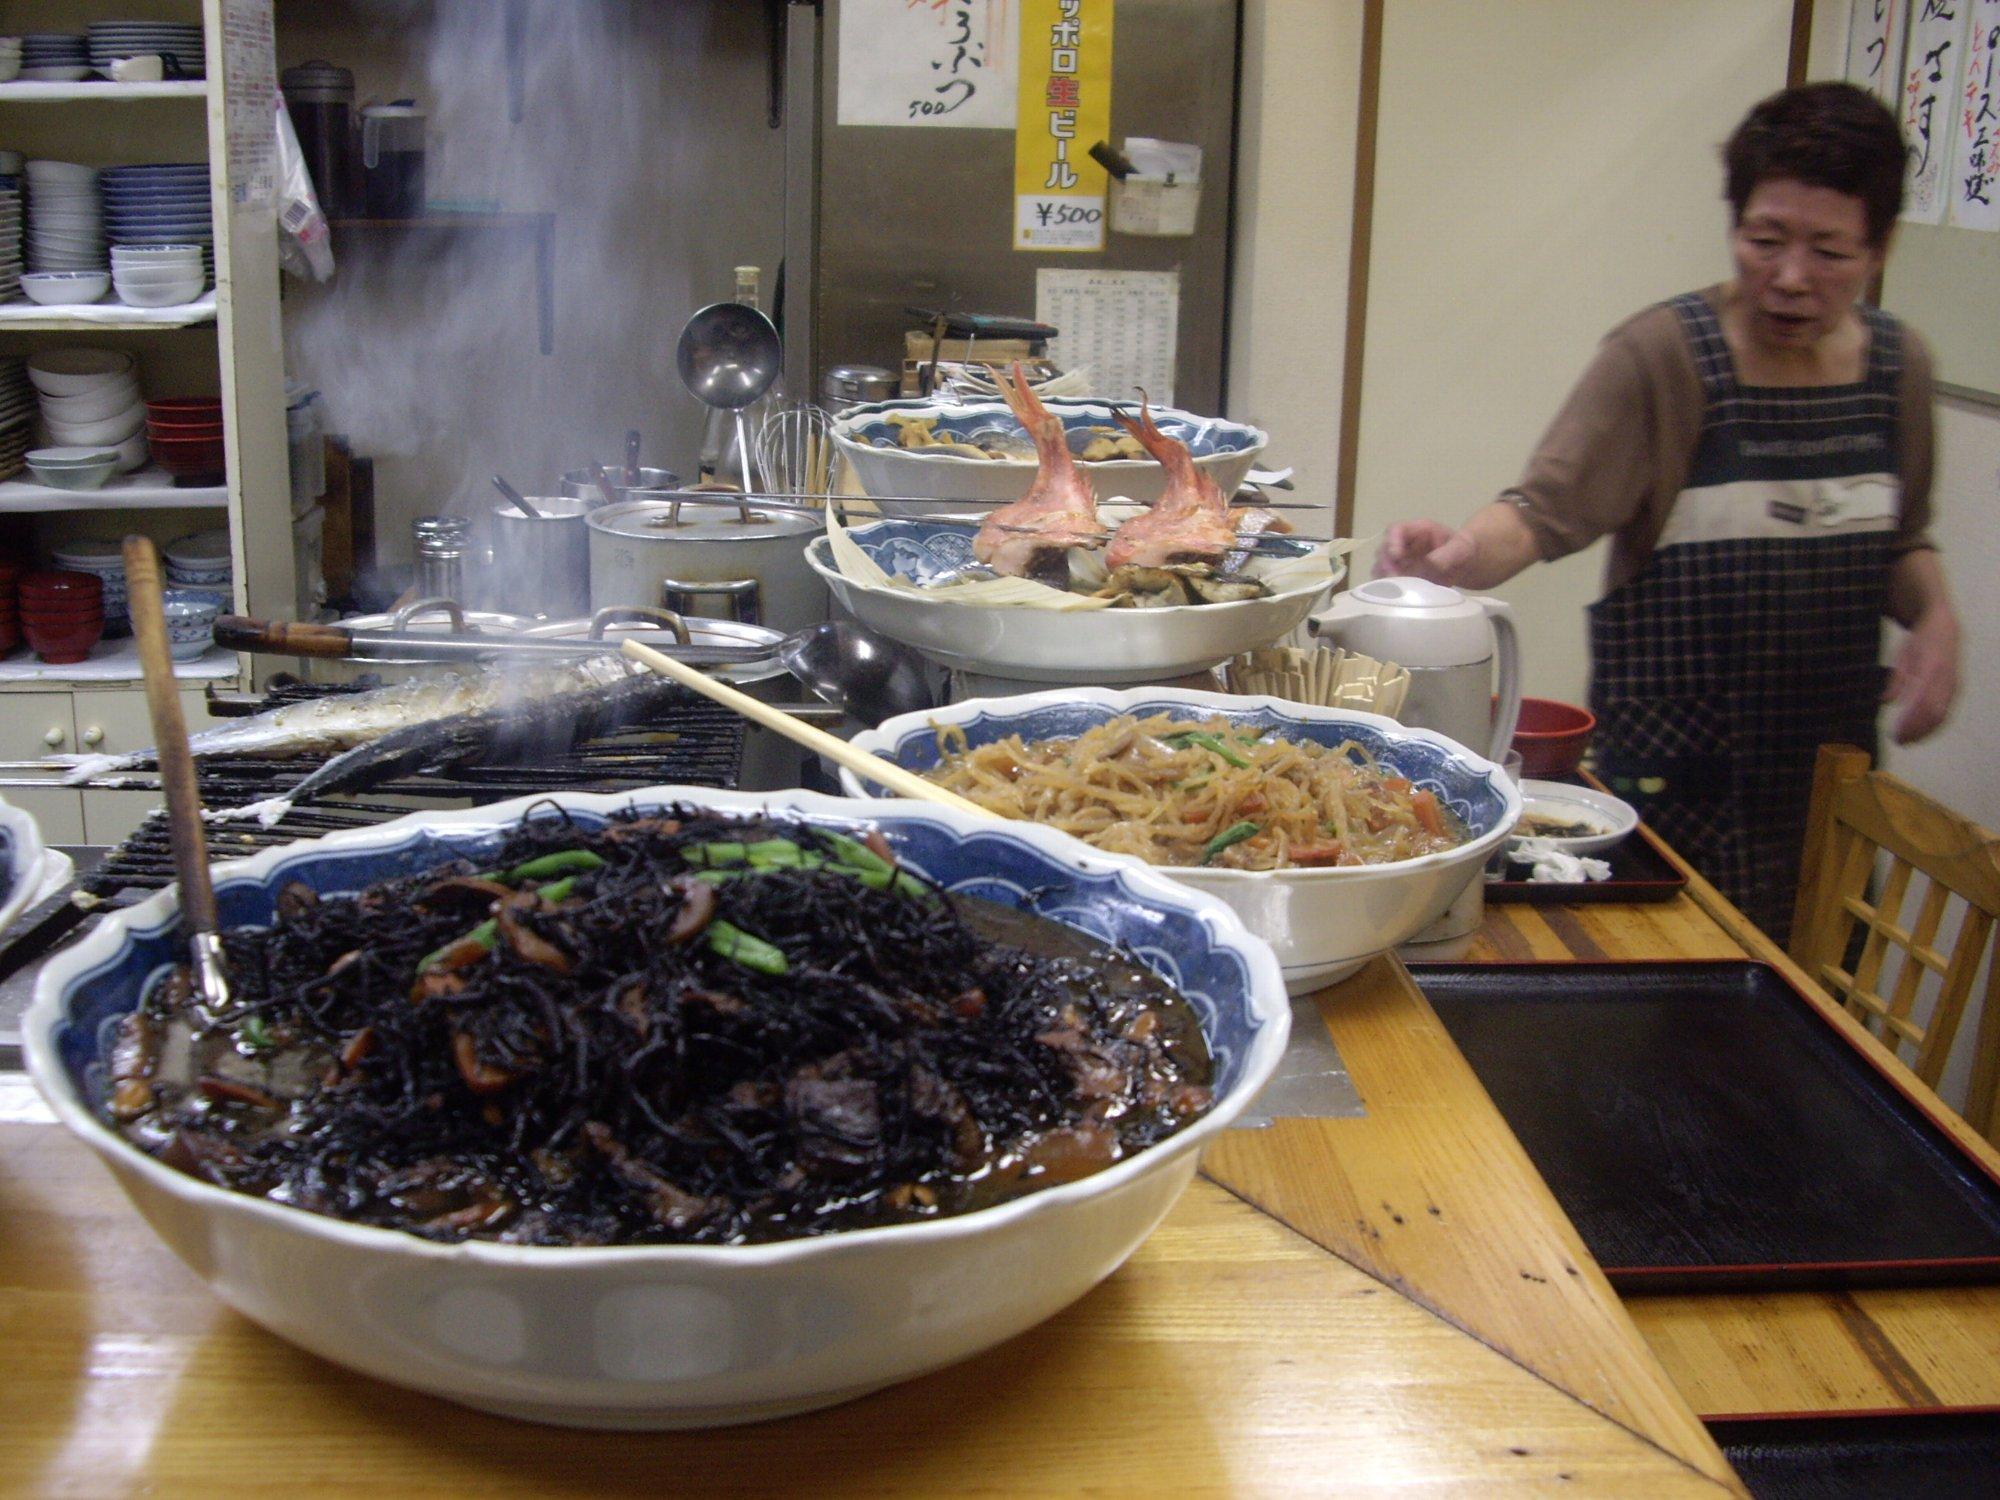 昔懐かしい定食屋でおふくろの味、蒲田『壱番隊』_d0223663_8405096.jpg